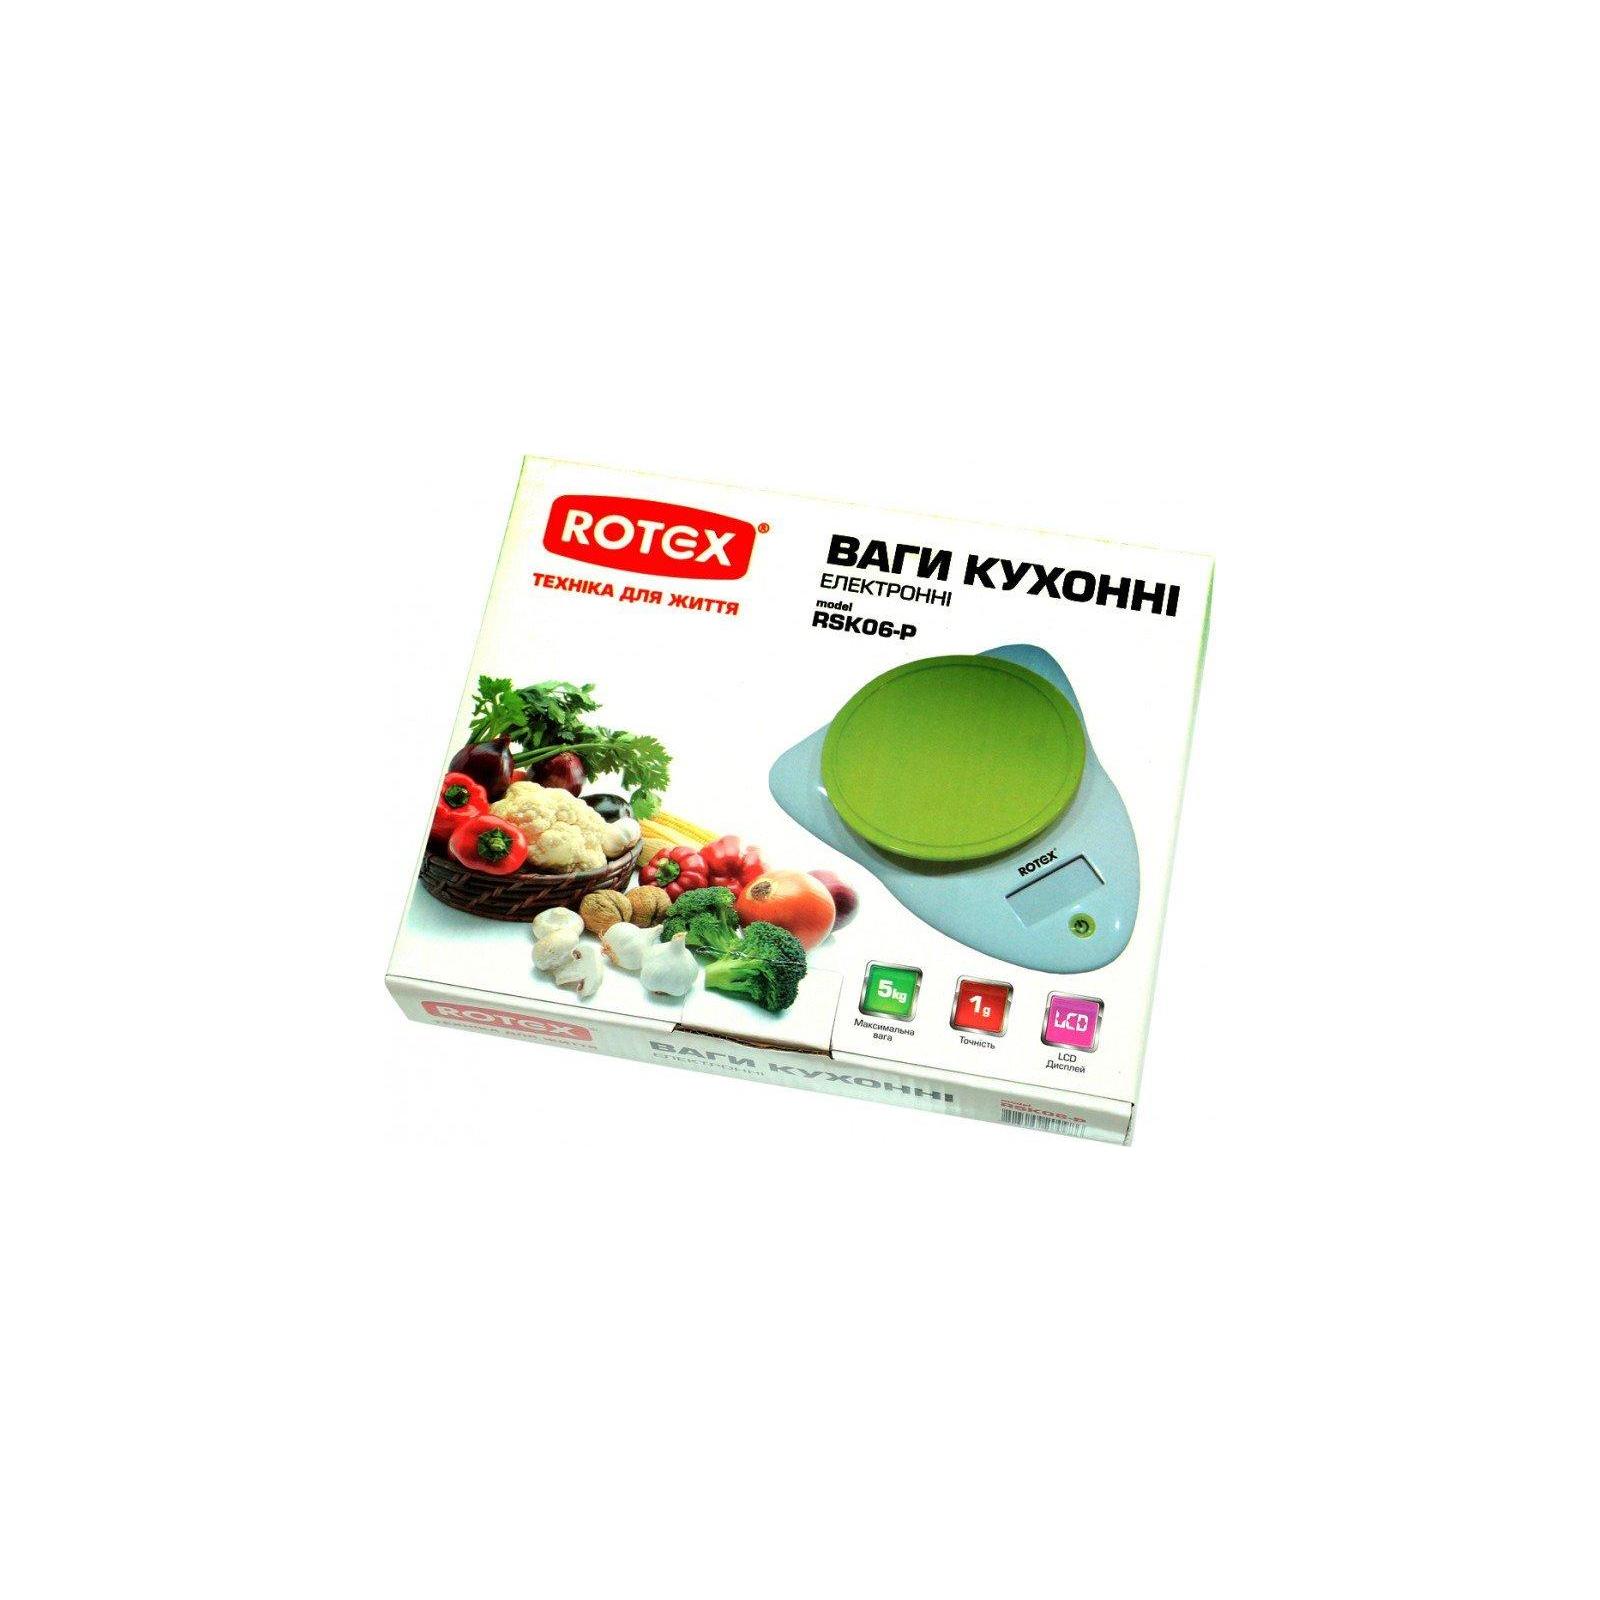 Весы кухонные Rotex RSK06-P изображение 2